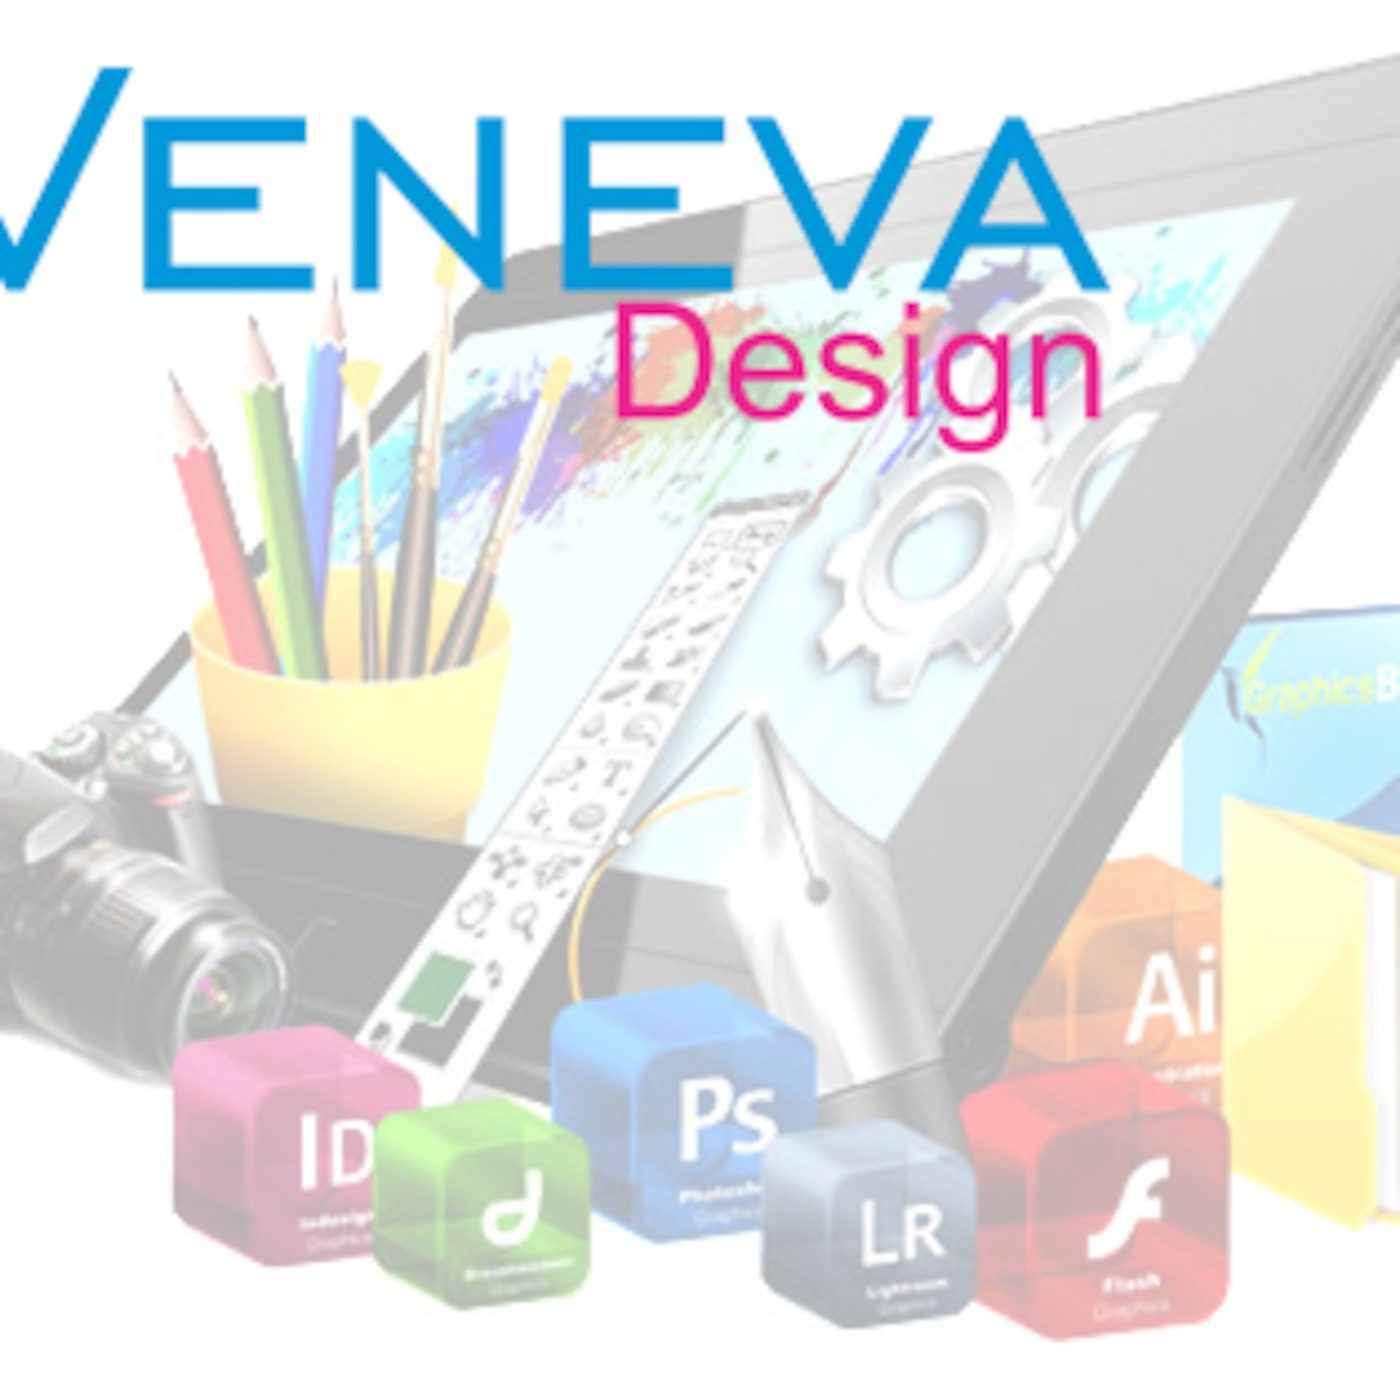 Veneva Design's